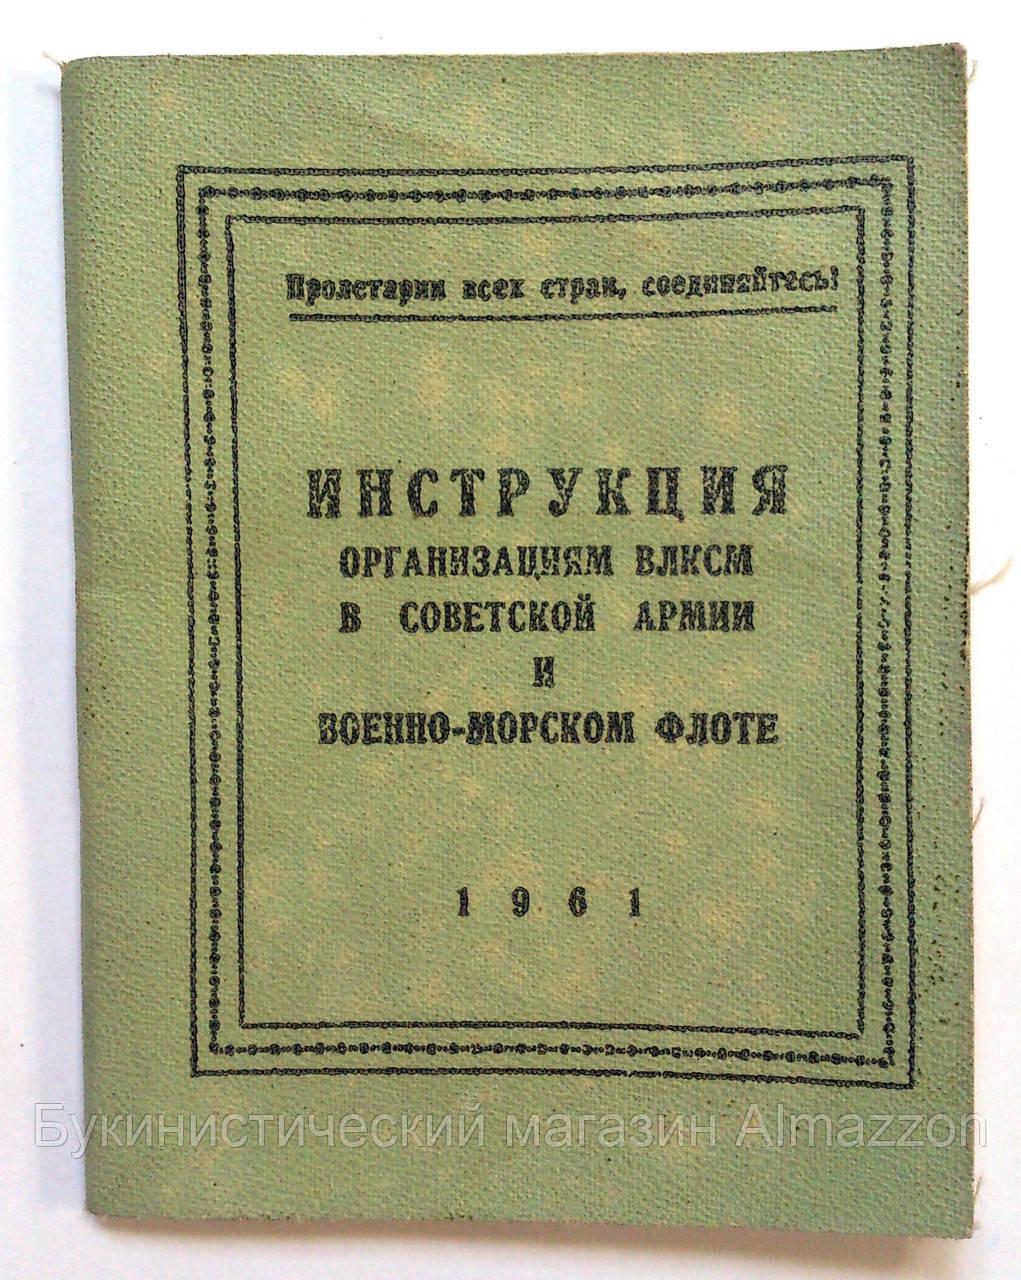 Инструкция организациям ВЛКСМ в Советской Армии и Военно-морском флоте. 1961 год